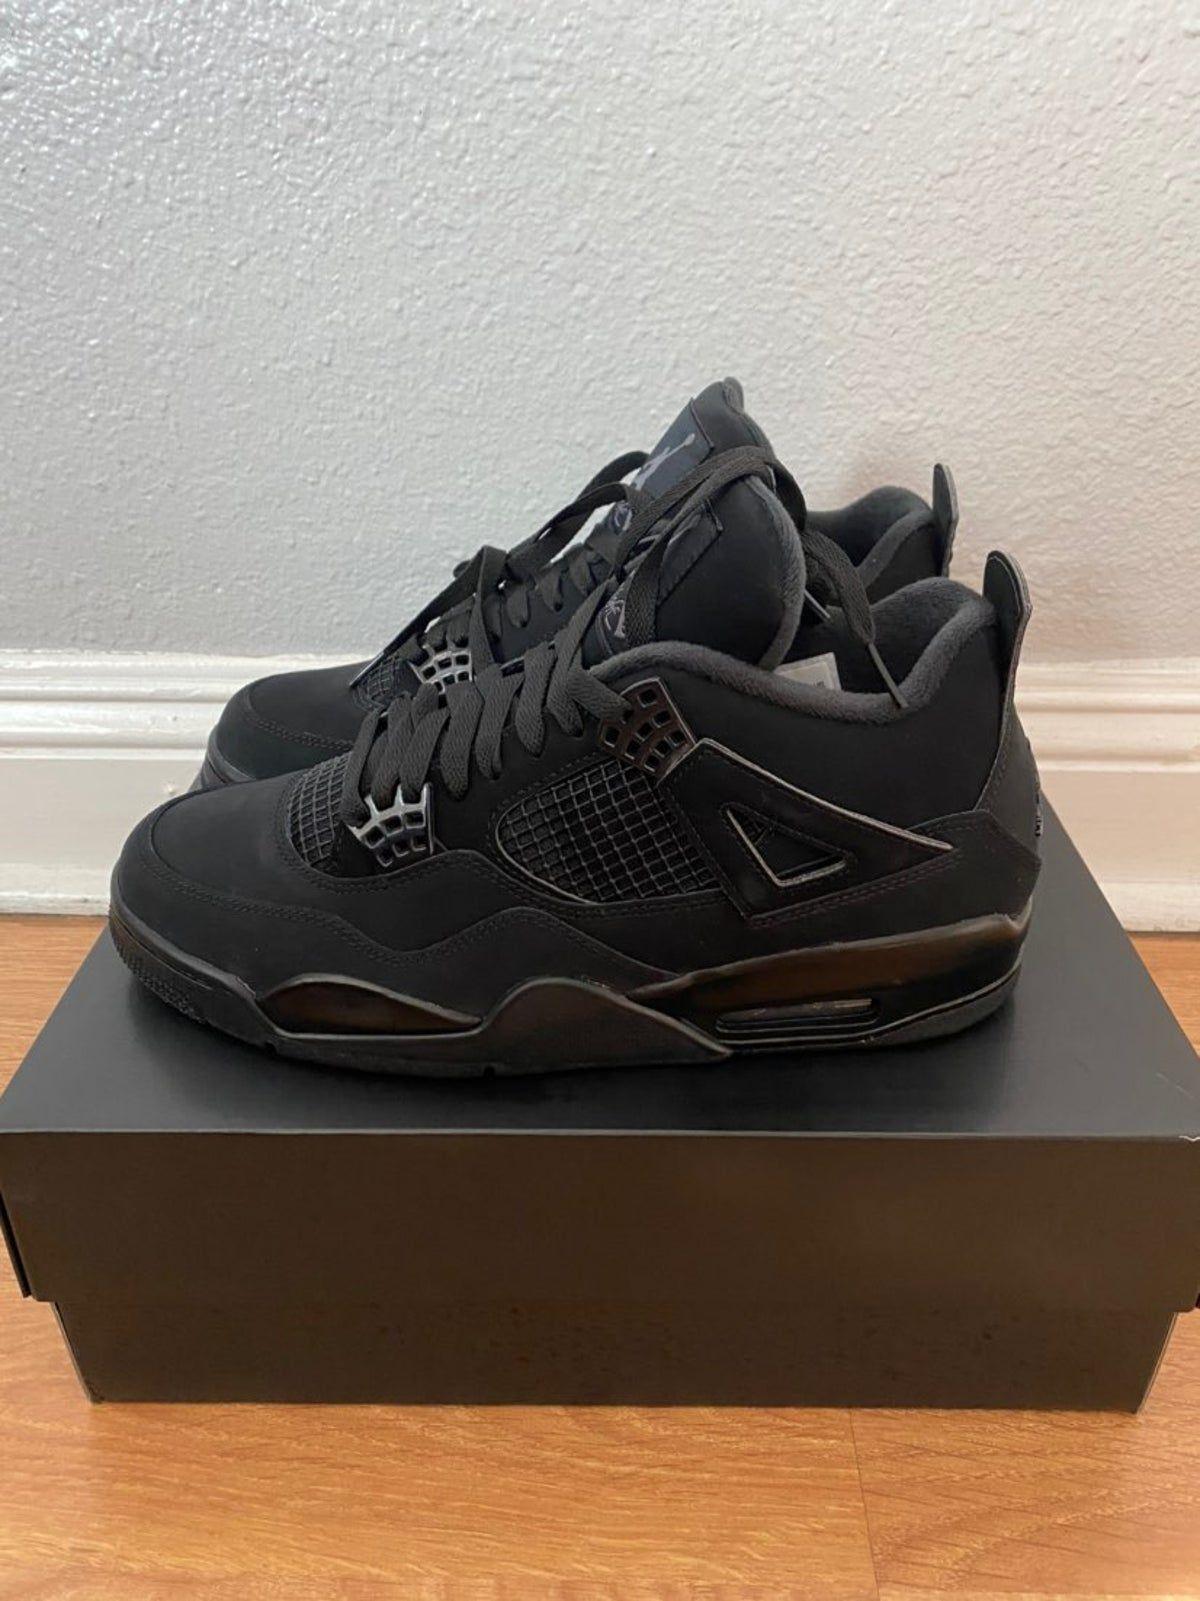 Shoes sneakers nike, Jordan shoes girls